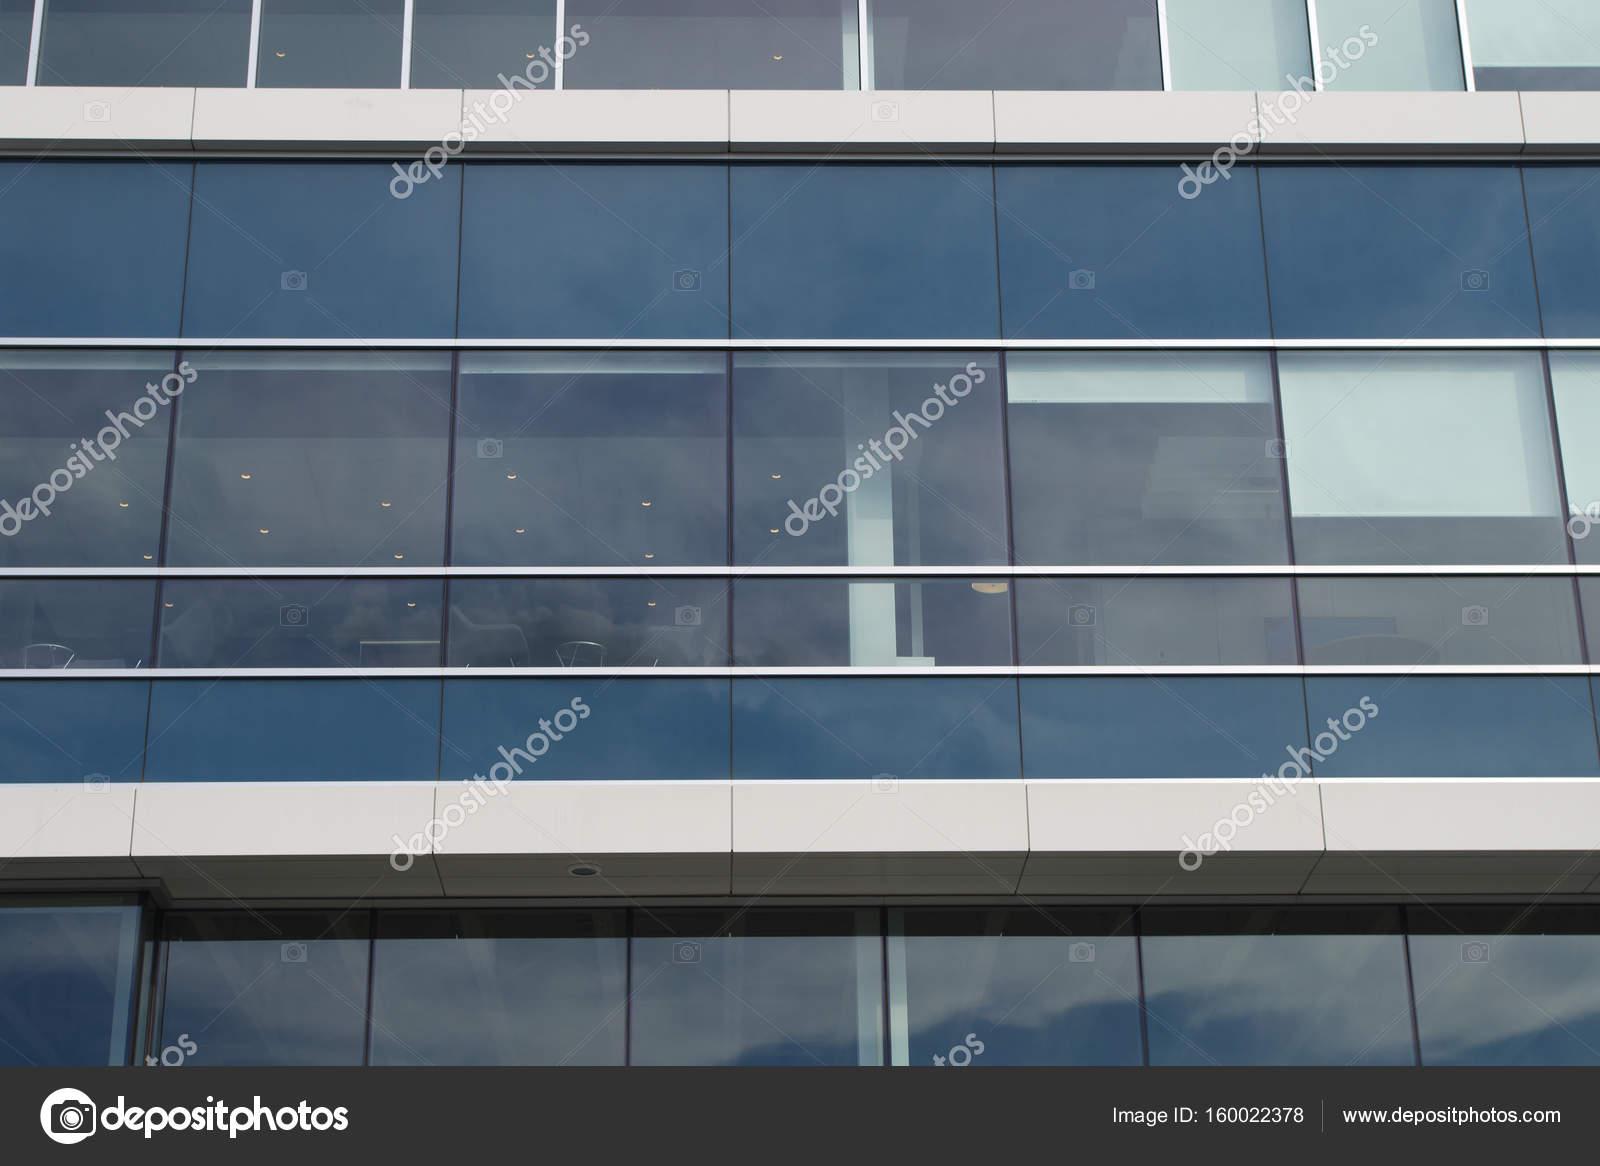 Bureau construction aluminium et verre gris blanc bleu gratte ciel